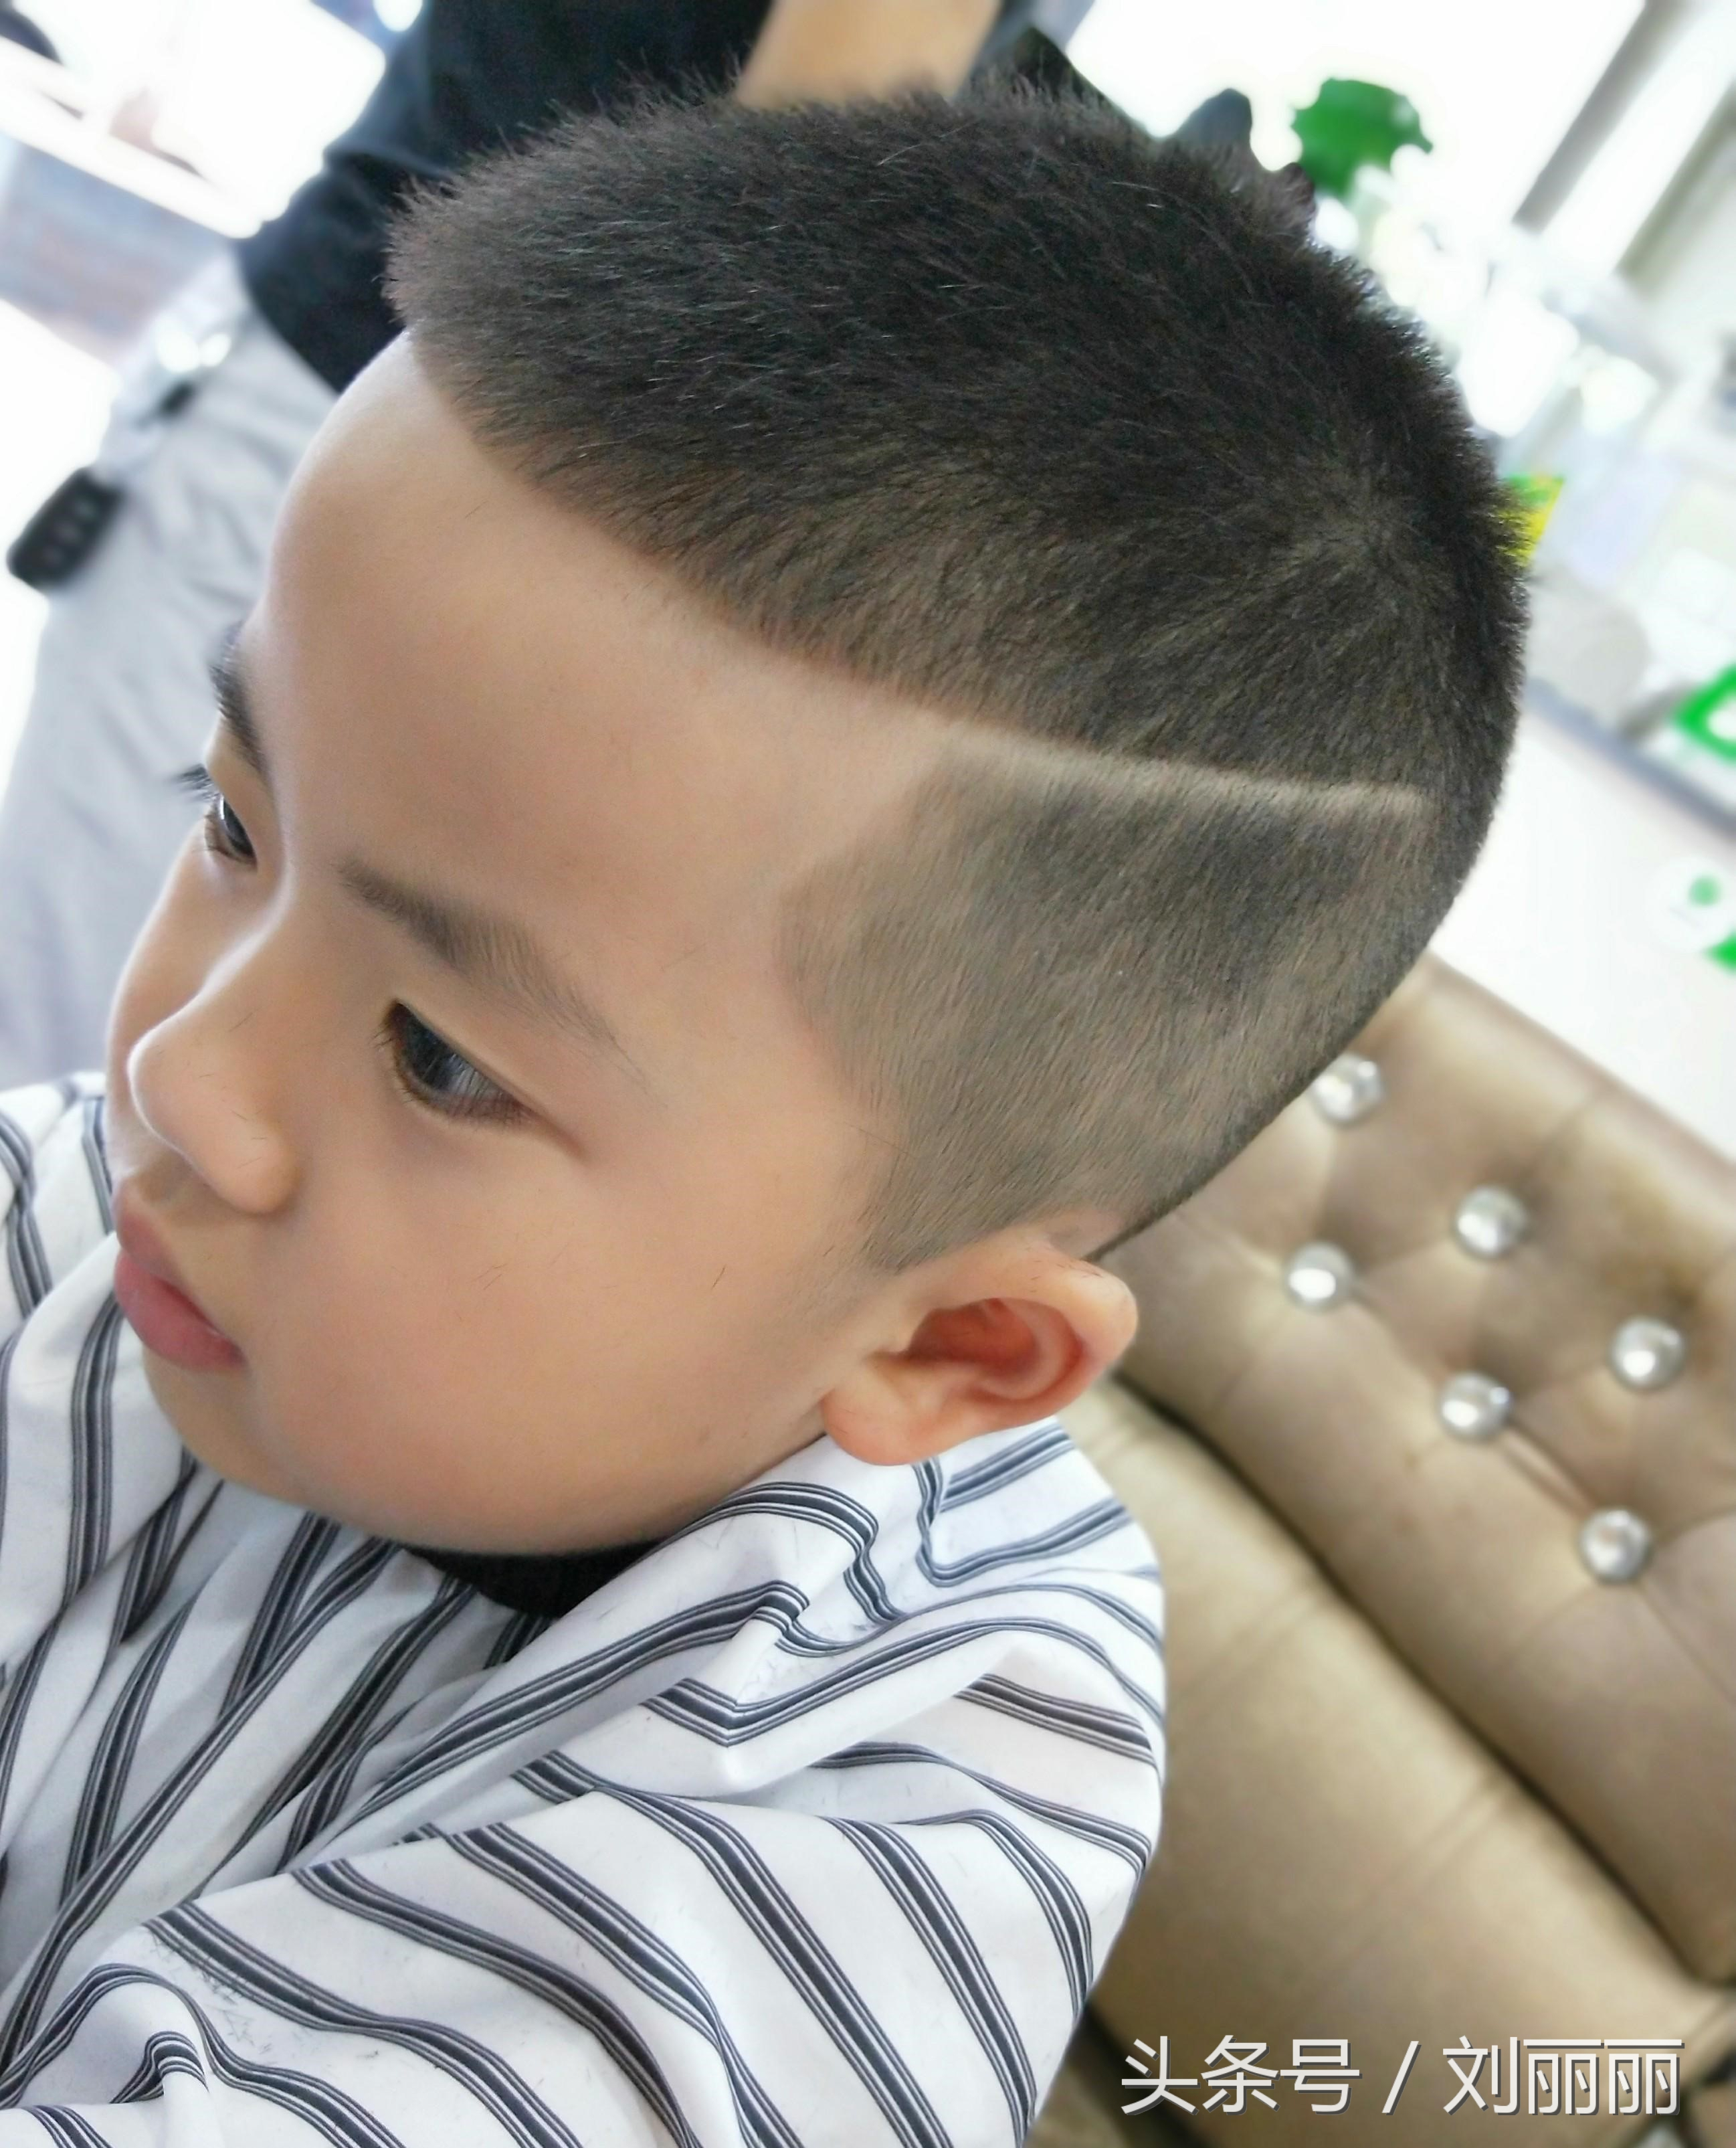 小男孩宝宝发型这样剪,帅炸了,有儿子的收藏了